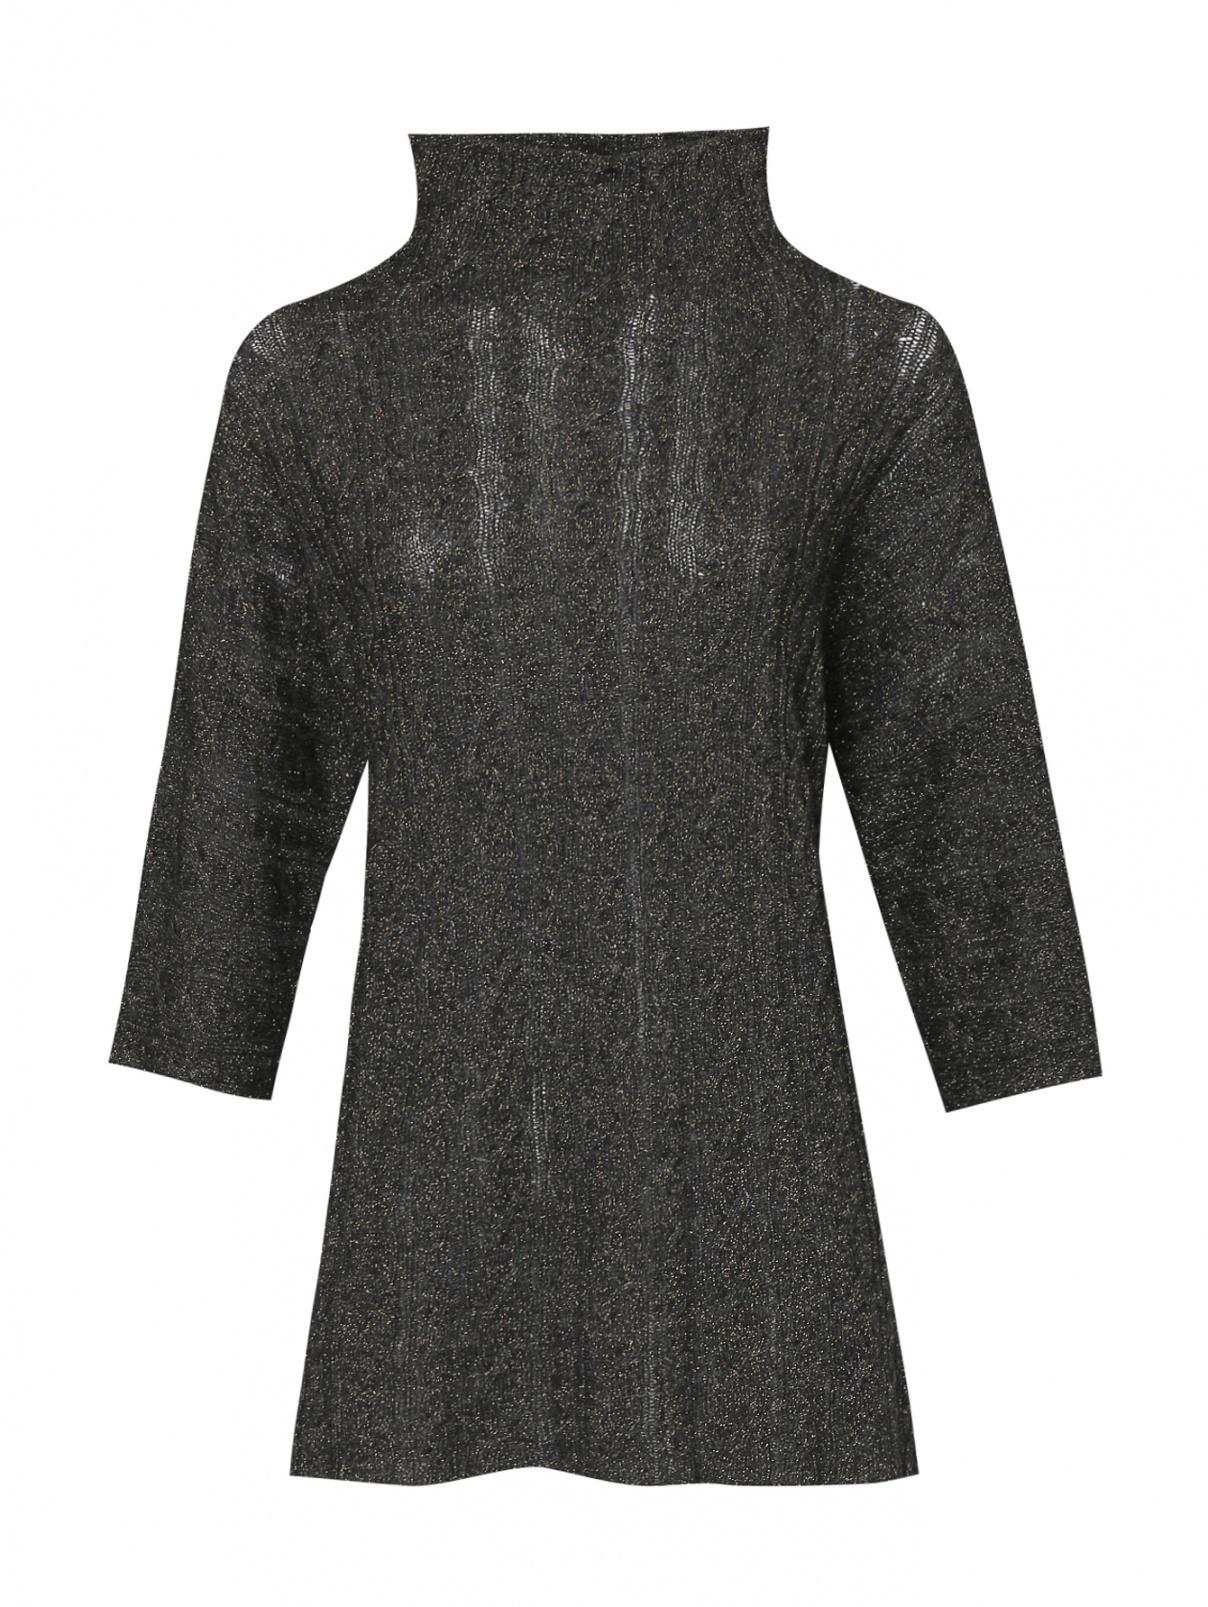 Джемпер из шерсти, вискозы и кашемира Etro  –  Общий вид